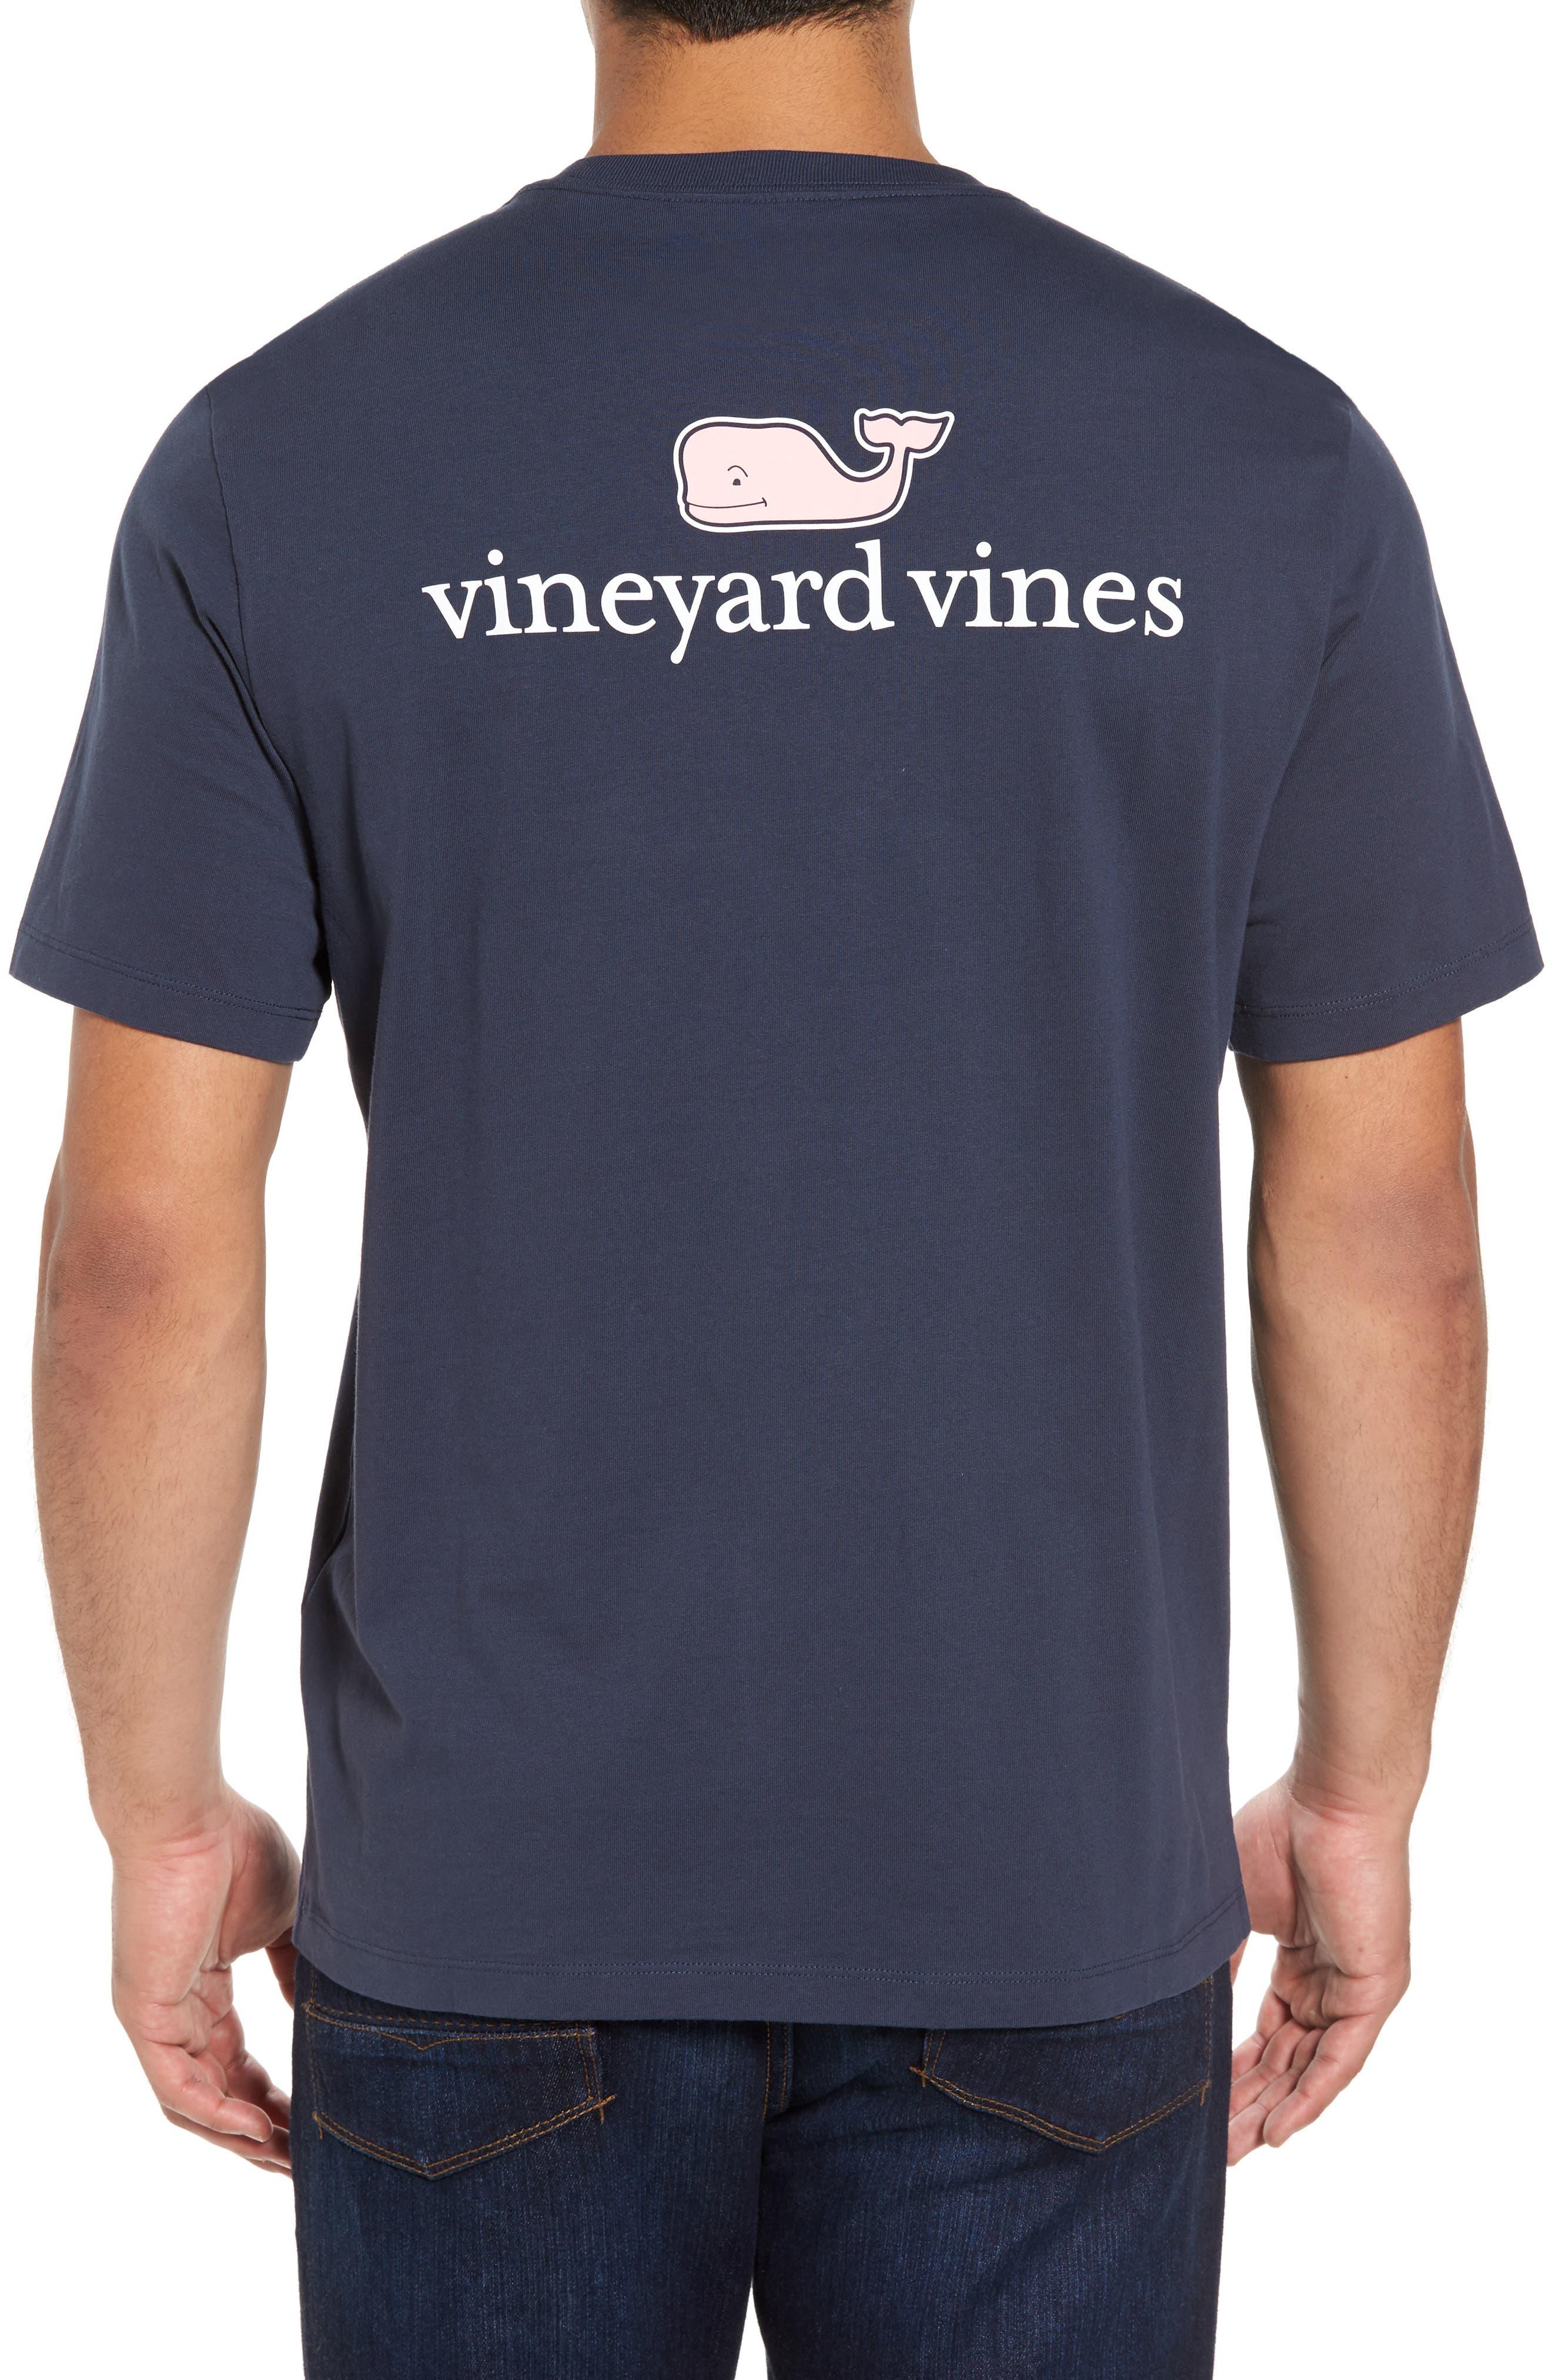 Main Image - vineyard vines Graphic T-Shirt